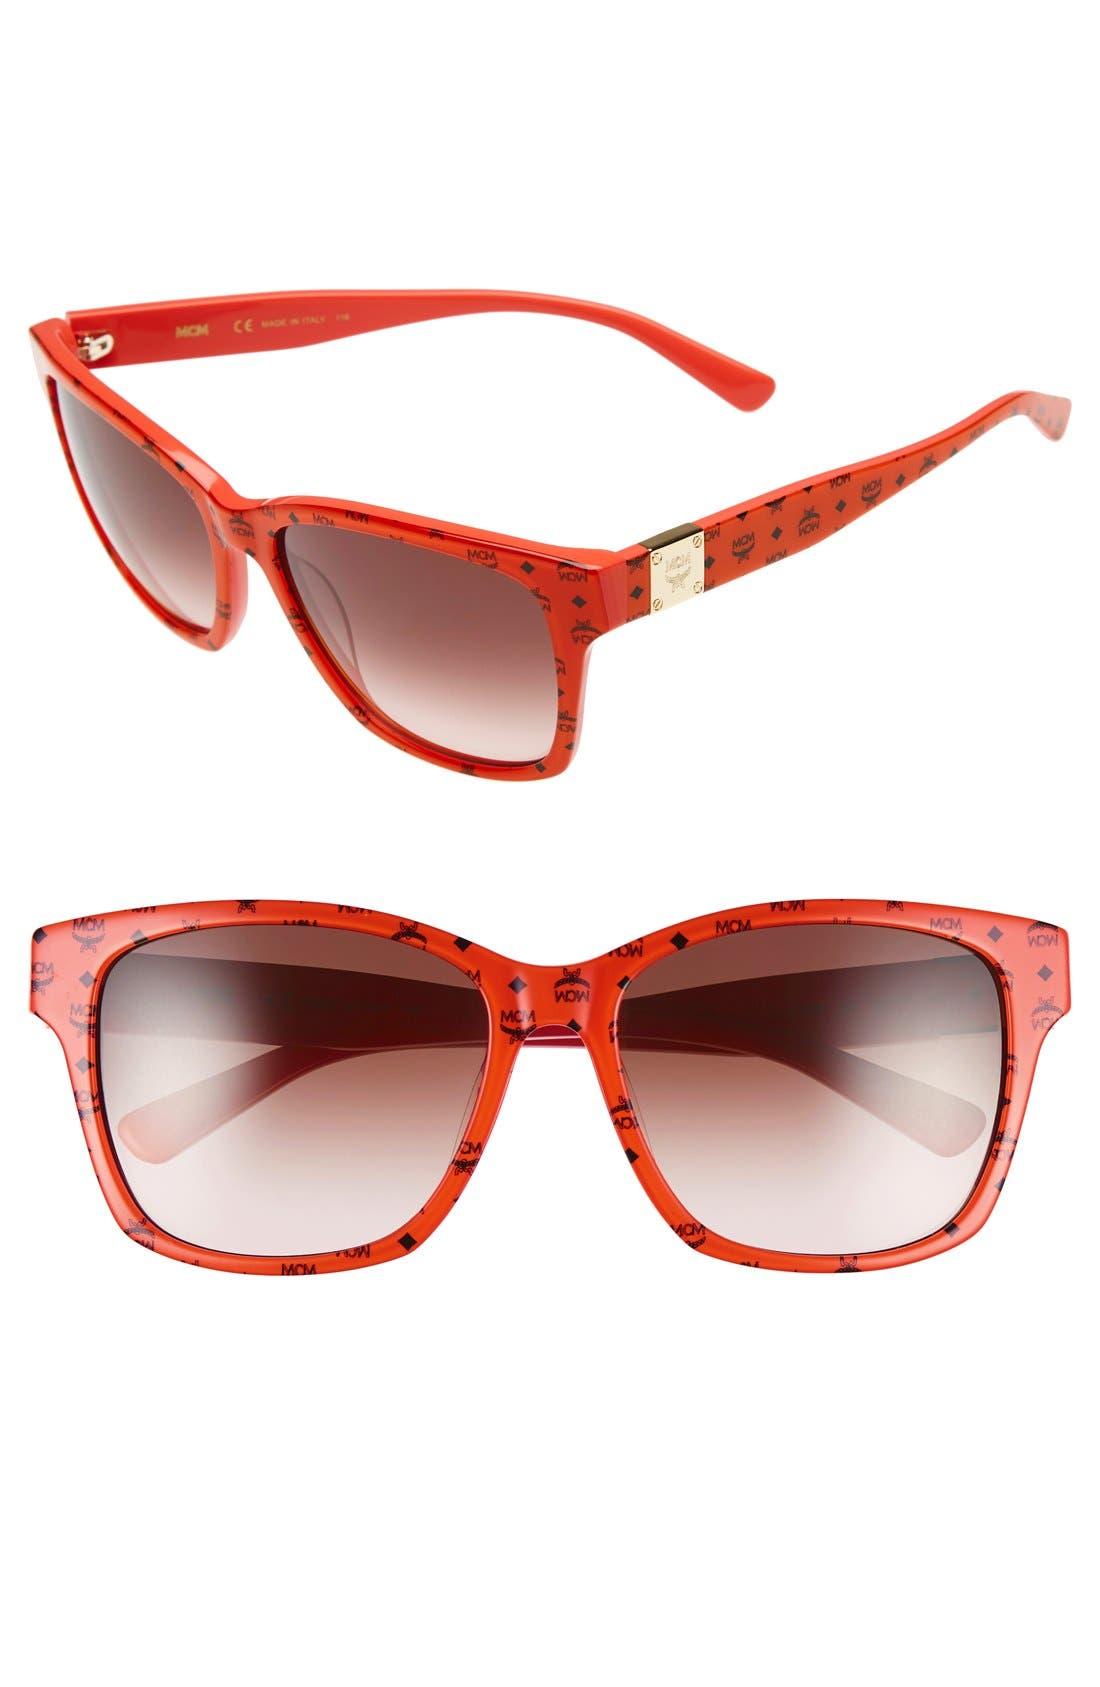 MCM Visetos 59mm Retro Sunglasses